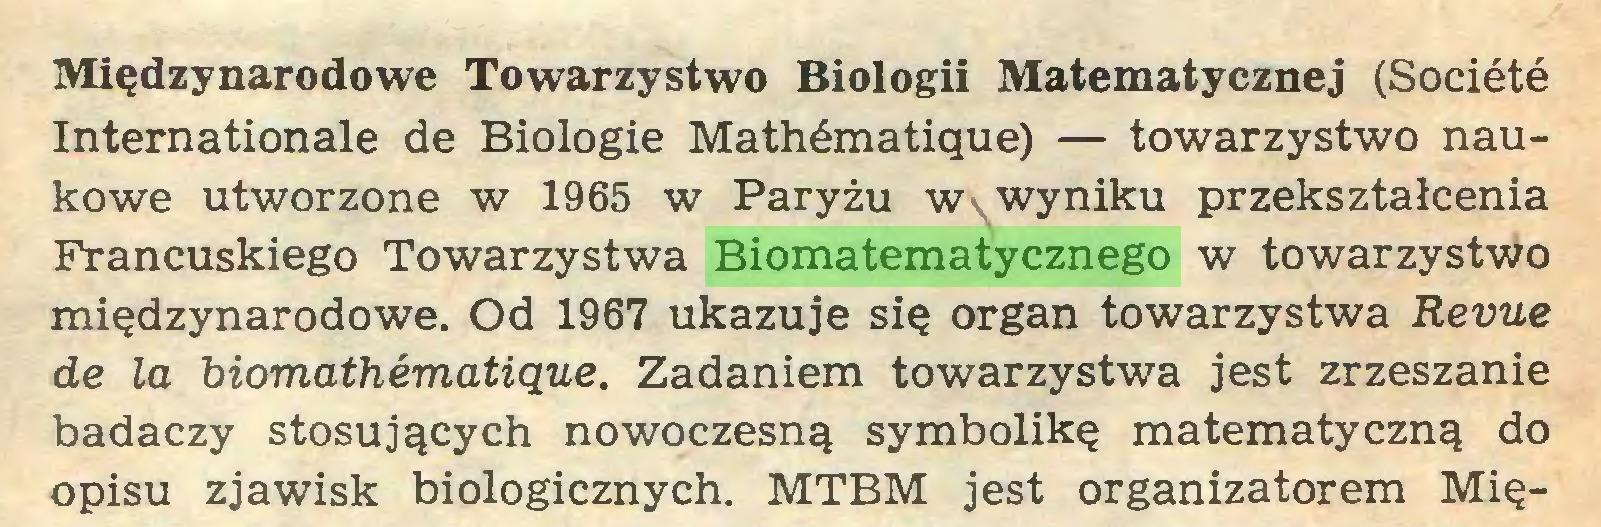 (...) Międzynarodowe Towarzystwo Biologii Matematycznej (Société Internationale de Biologie Mathématique) — towarzystwo naukowe utworzone w 1965 w Paryżu Wv wyniku przekształcenia Francuskiego Towarzystwa Biomatematycznego w towarzystwo międzynarodowe. Od 1967 ukazuje się organ towarzystwa Revue de la biomathématique. Zadaniem towarzystwa jest zrzeszanie badaczy stosujących nowoczesną symbolikę matematyczną do opisu zjawisk biologicznych. MTBM jest organizatorem Mię...